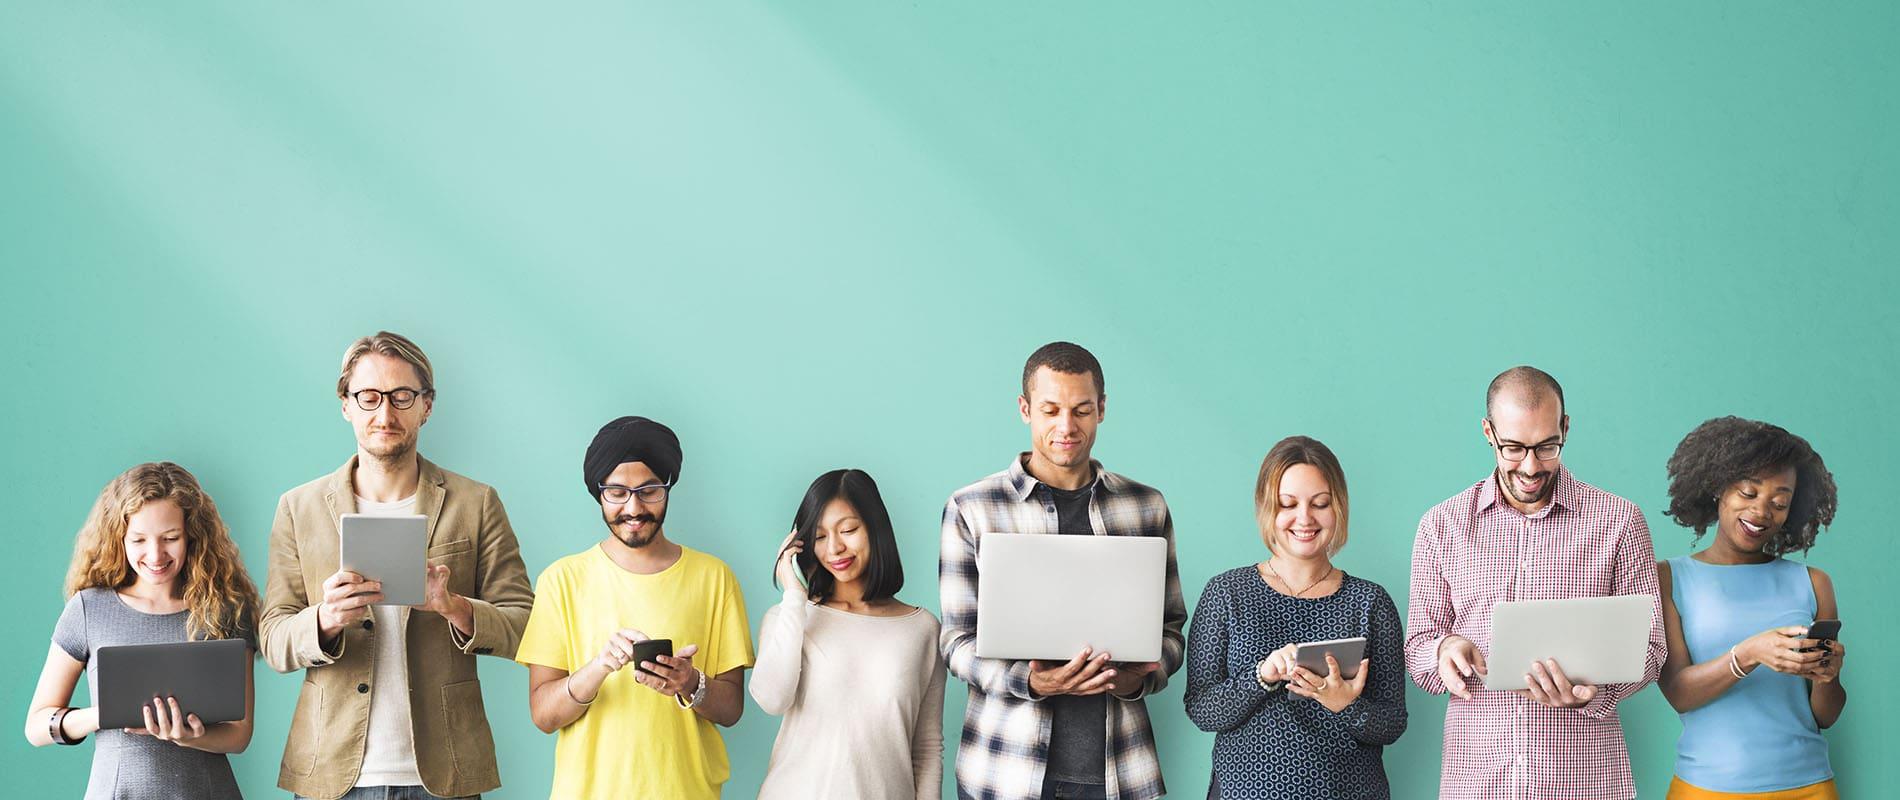 Fotografía gente consultando ordenadores, móviles y tablets